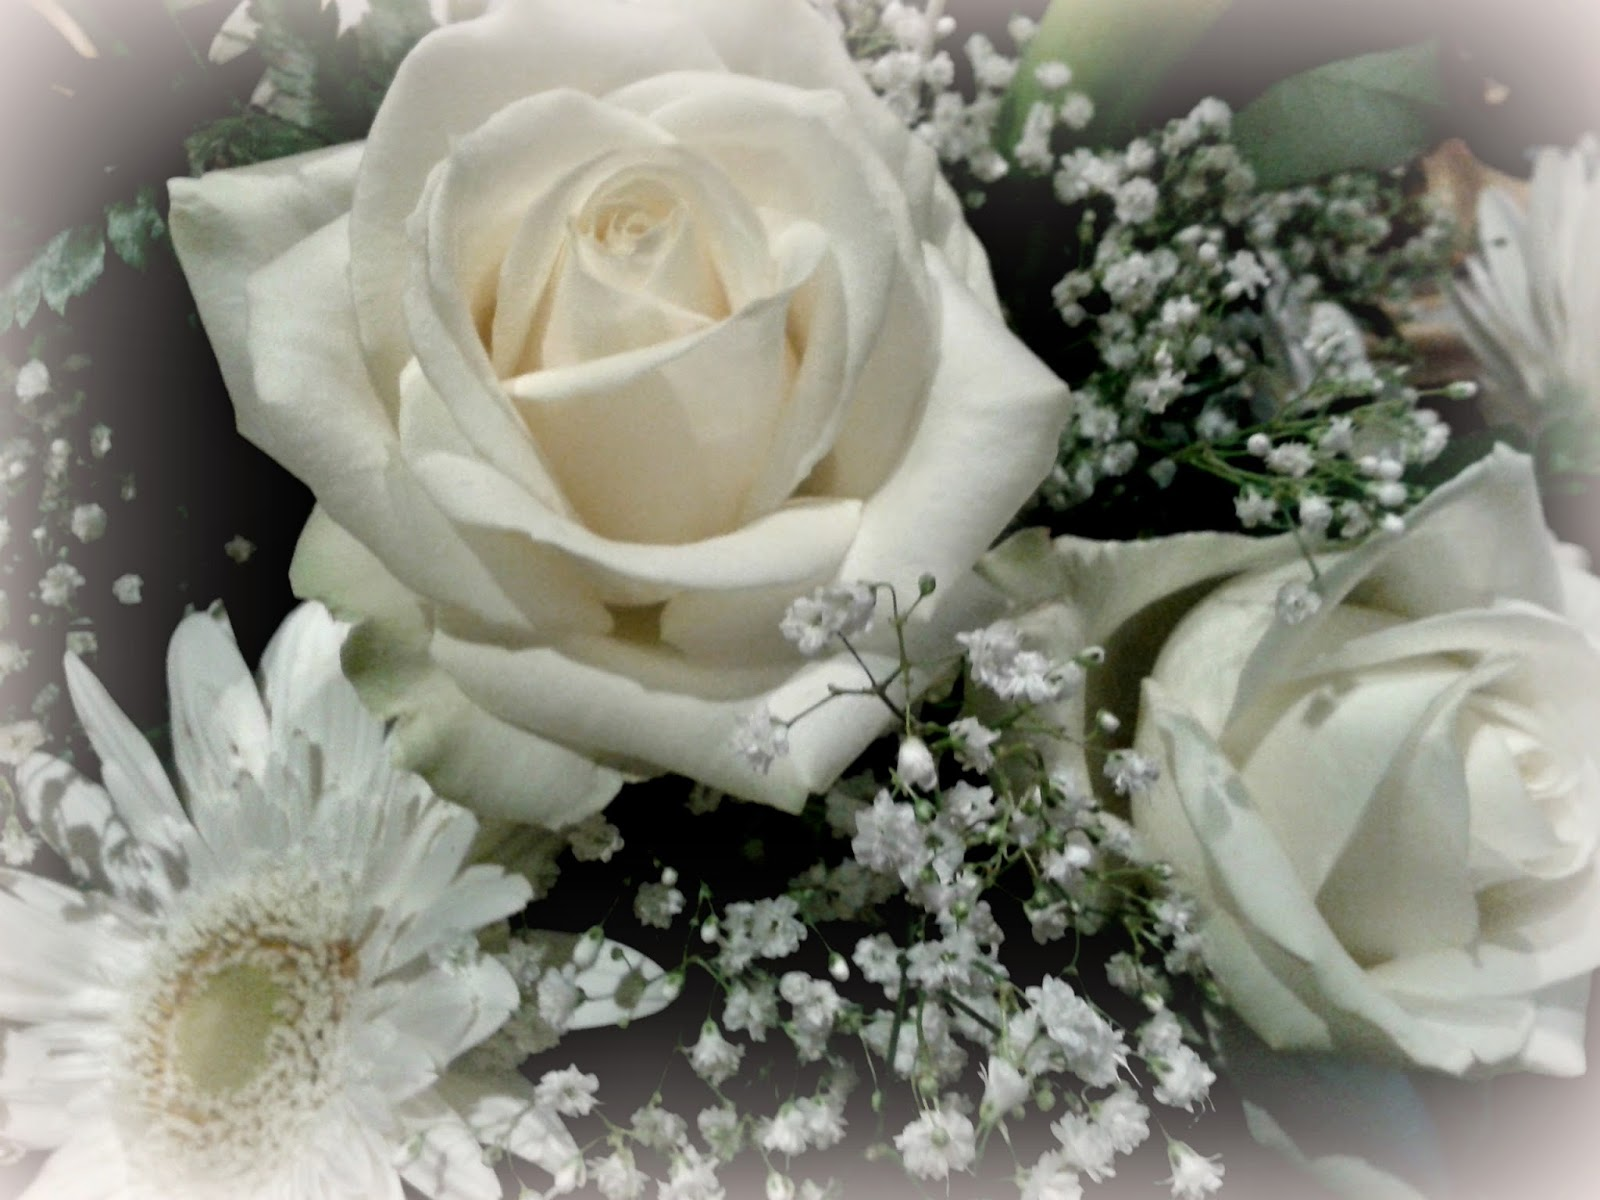 Matrimonio Girasoli E Rose Bianche : Svelato il mistero con una bellissima notizia